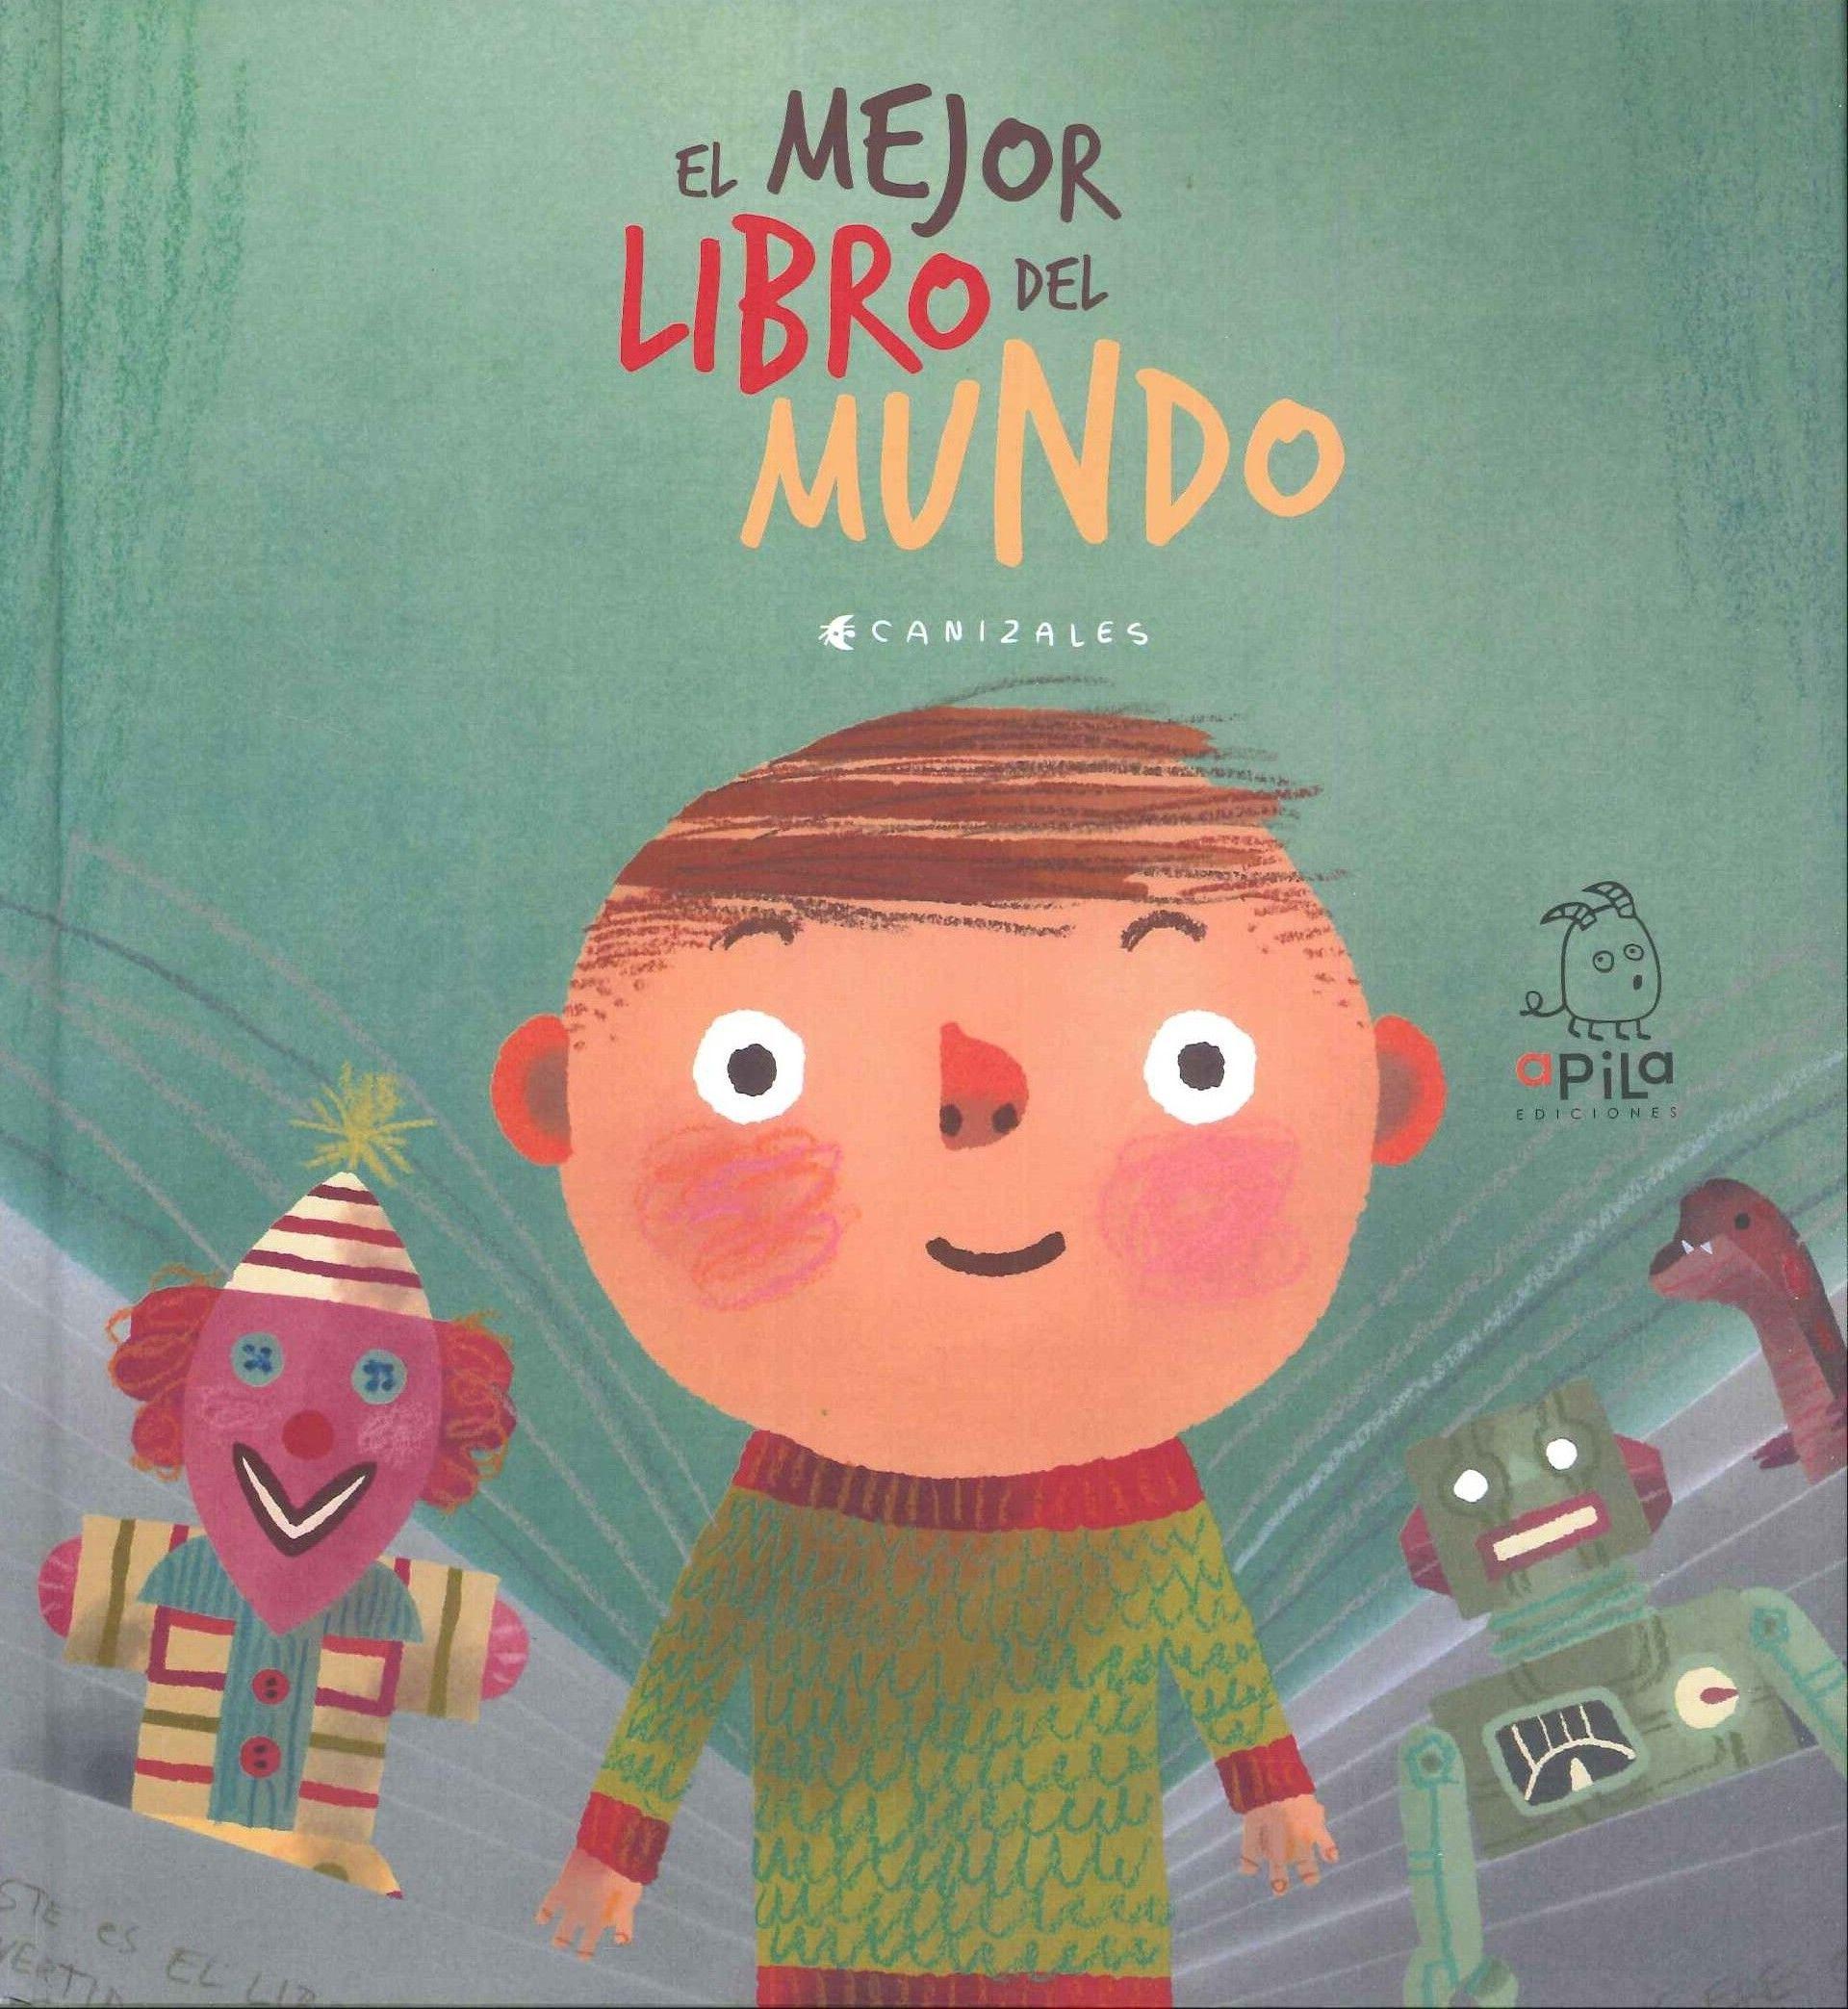 El Mejor Libro Del Mundo Canizales Los Mejores Libros Historias Para Niños Libros Para Niños